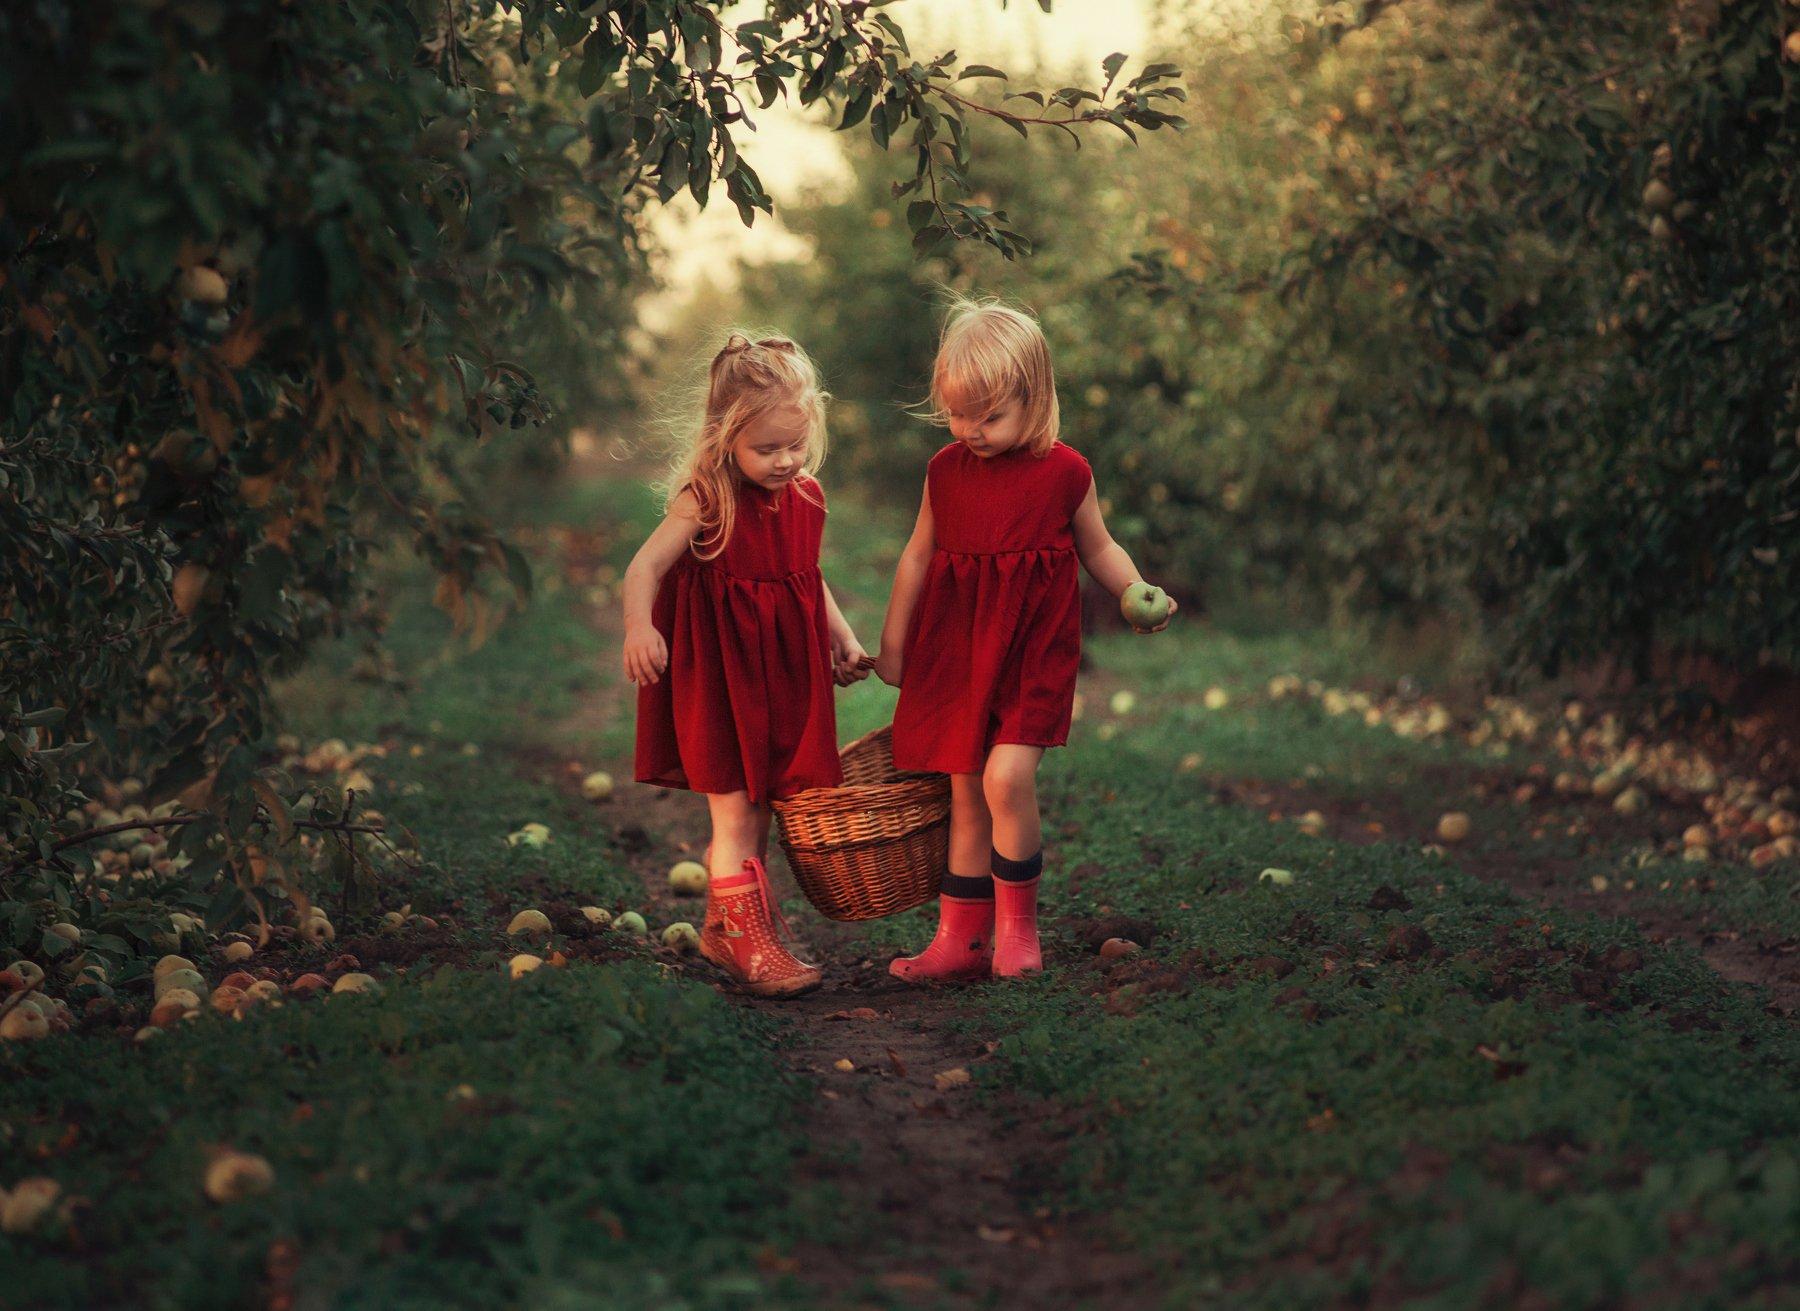 девочки, лето, яблоки, урожай, сады, яблоневые сады, корзинка, Светлана Червинская